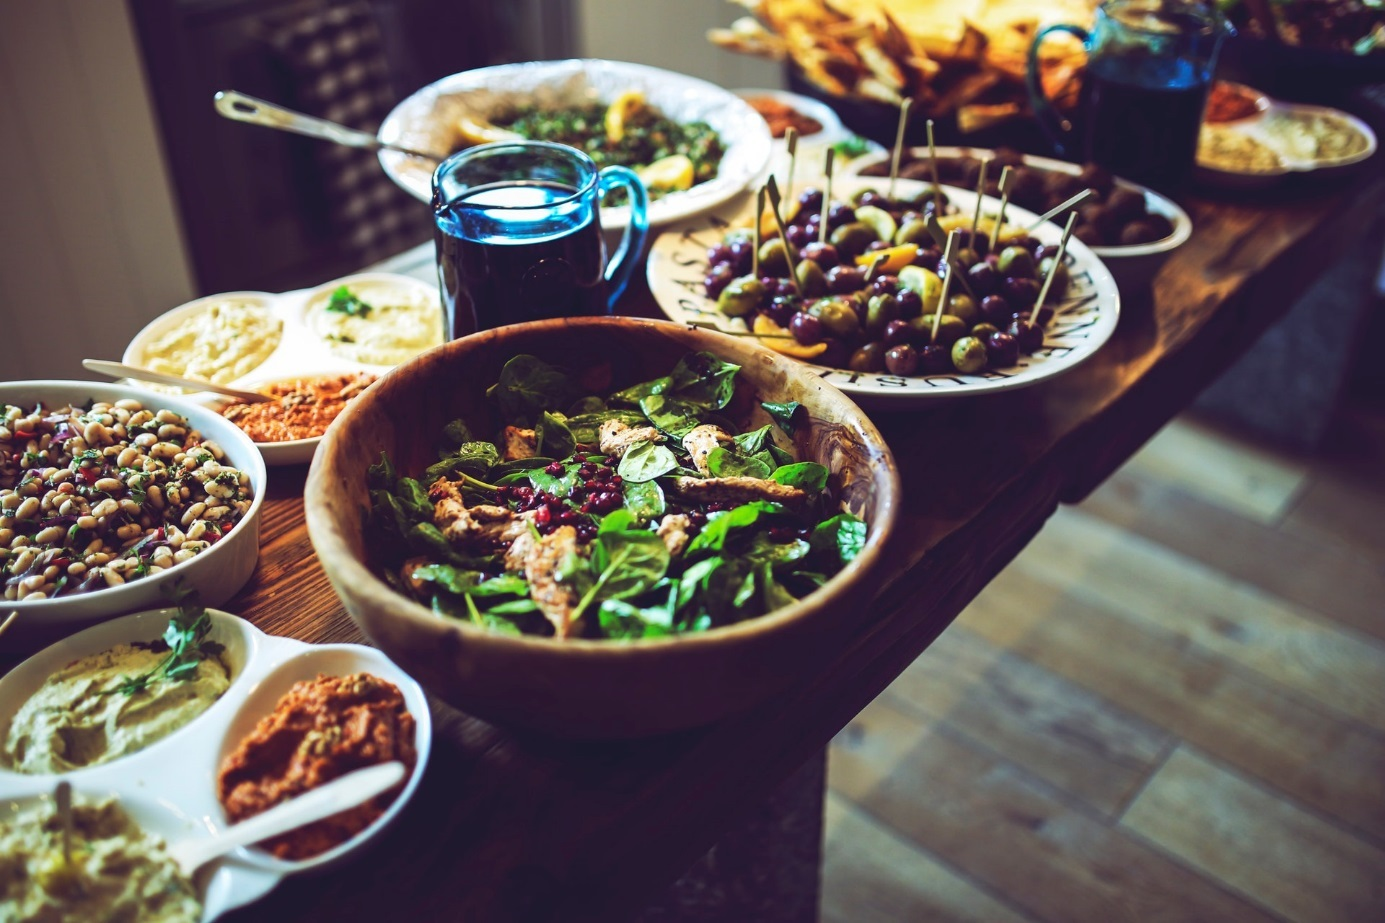 Tafel, auf der viele verschiedene Salate stehen.